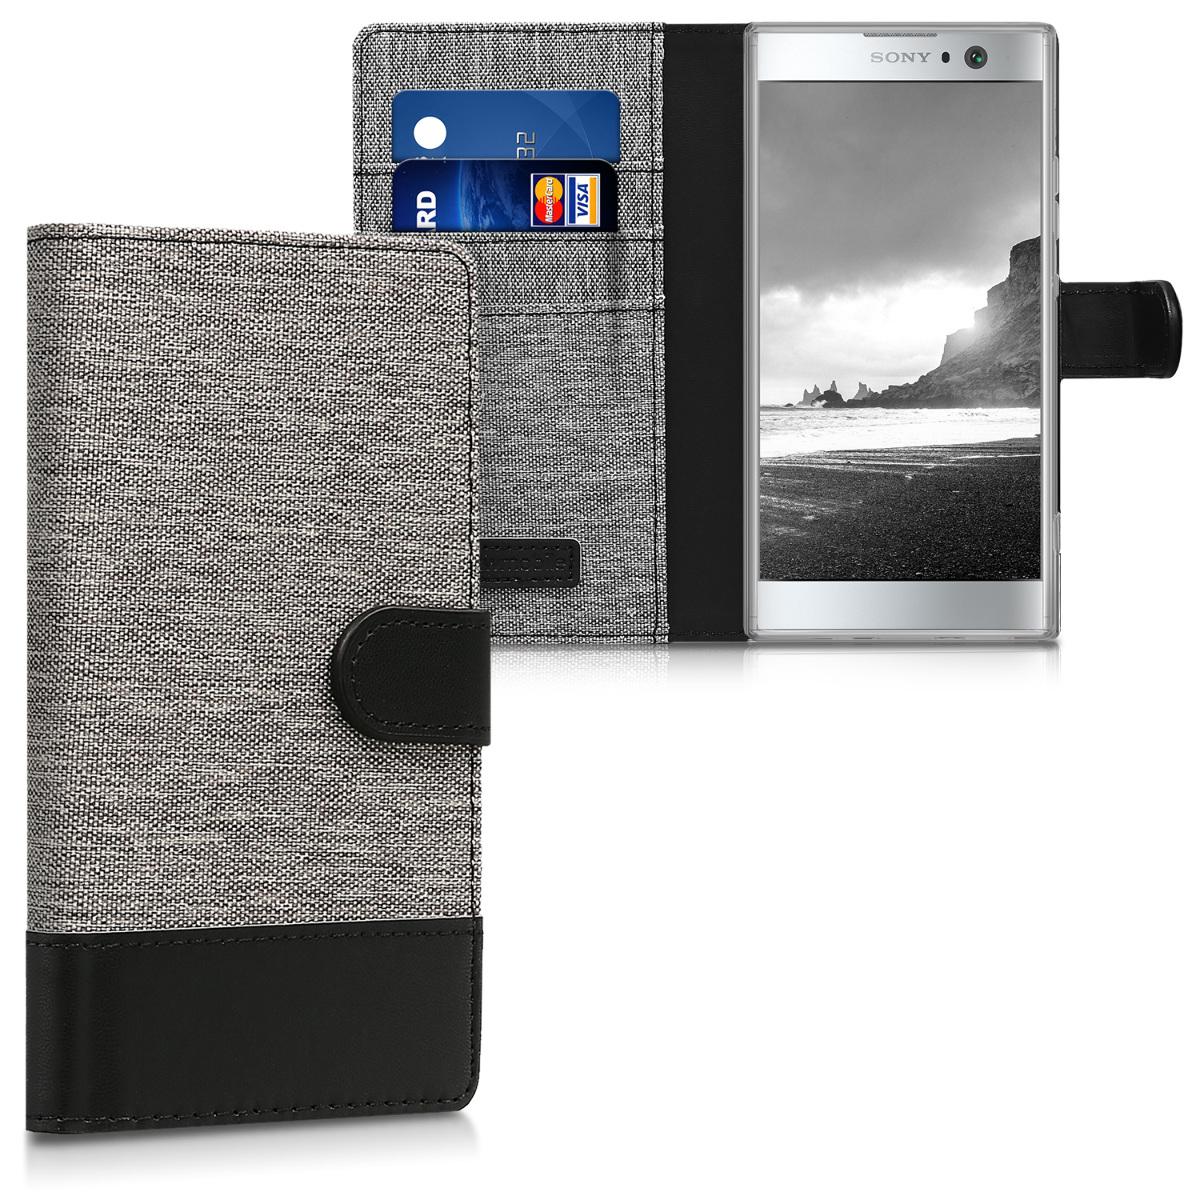 KW Θήκη Πορτοφόλι Sony Xperia XA2 - Συνθετικό δέρμα - Grey / Black (44295.22)